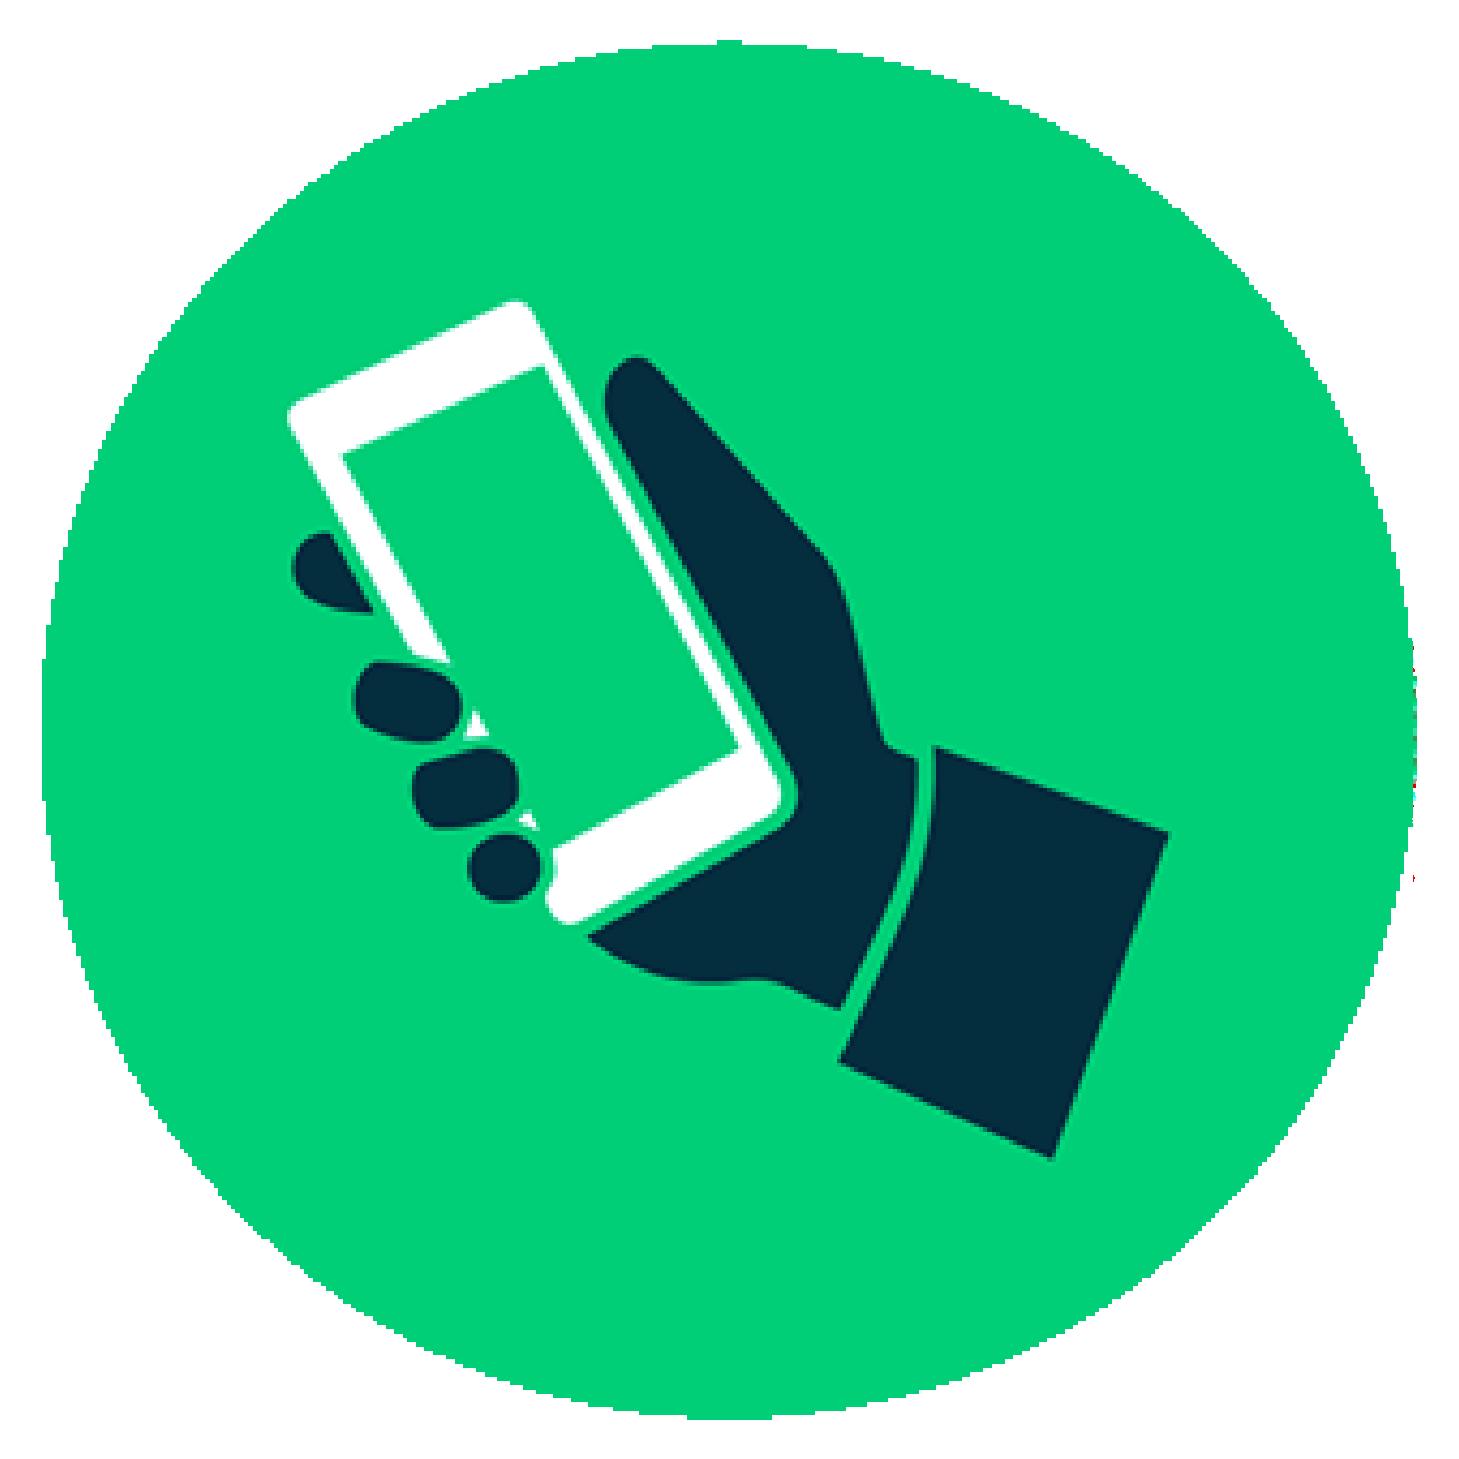 Icono verde de un mano y celular